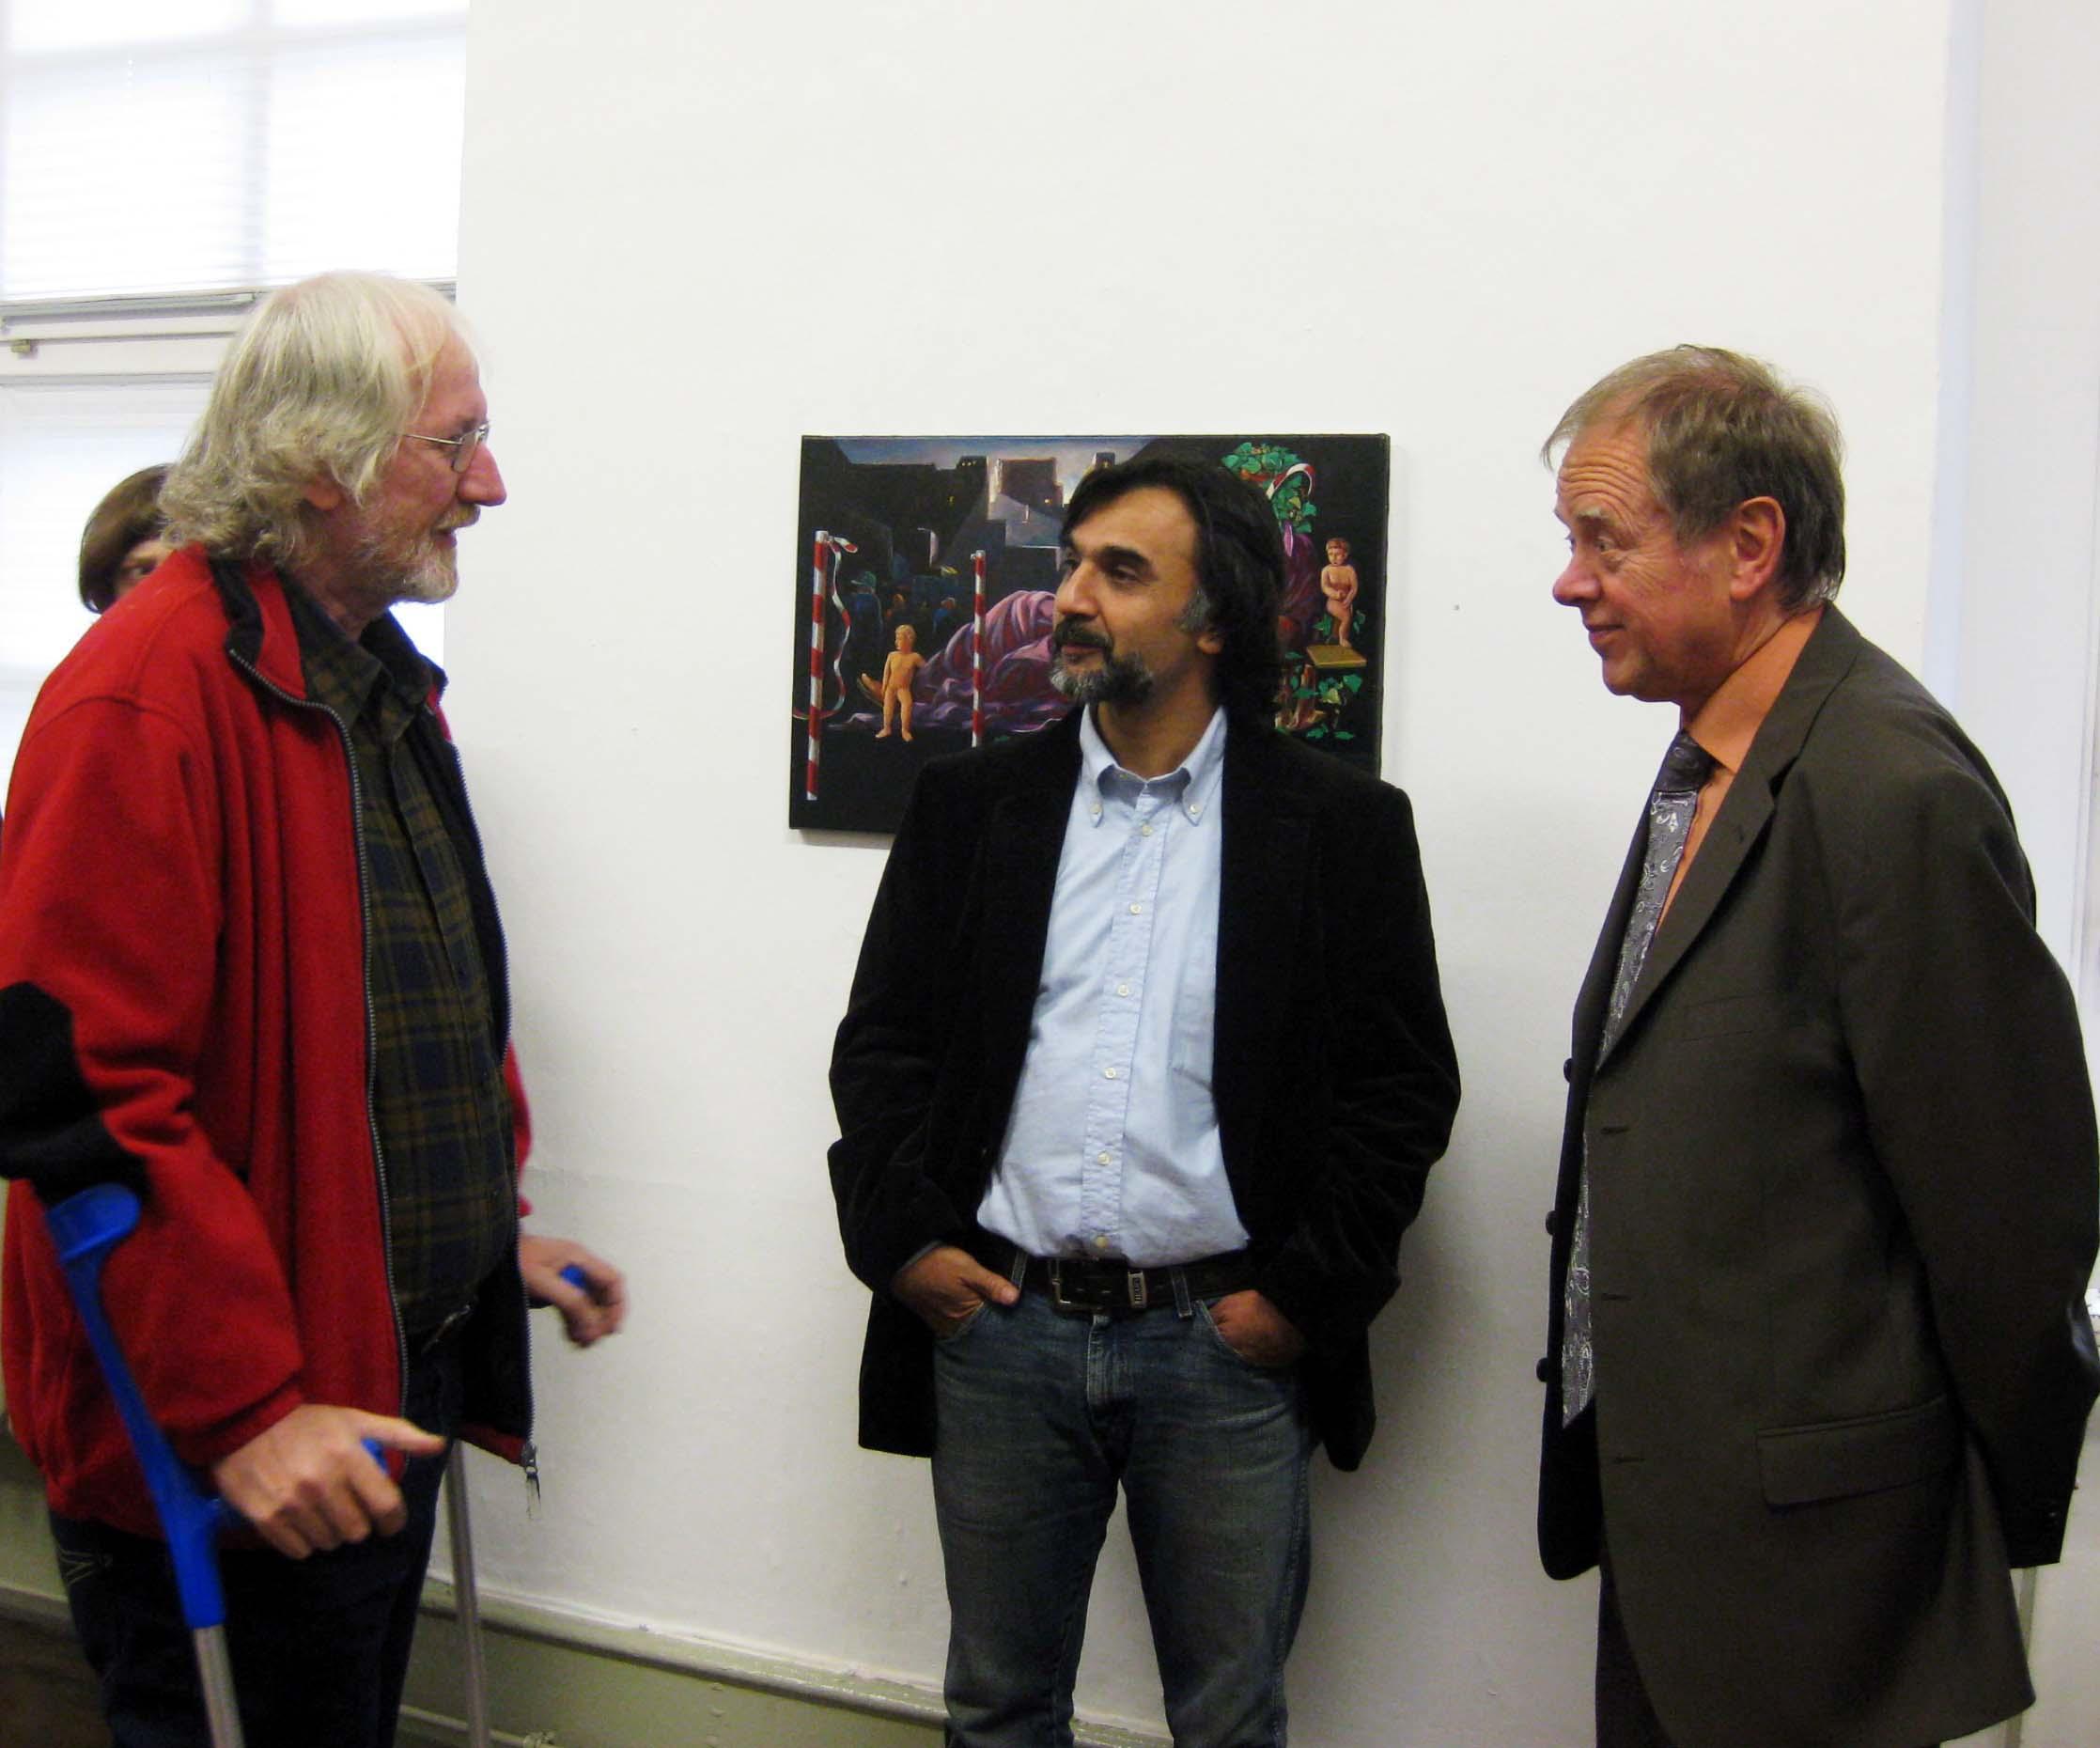 Siegfried Zademack, Kaikaoss, Rainer Grimm